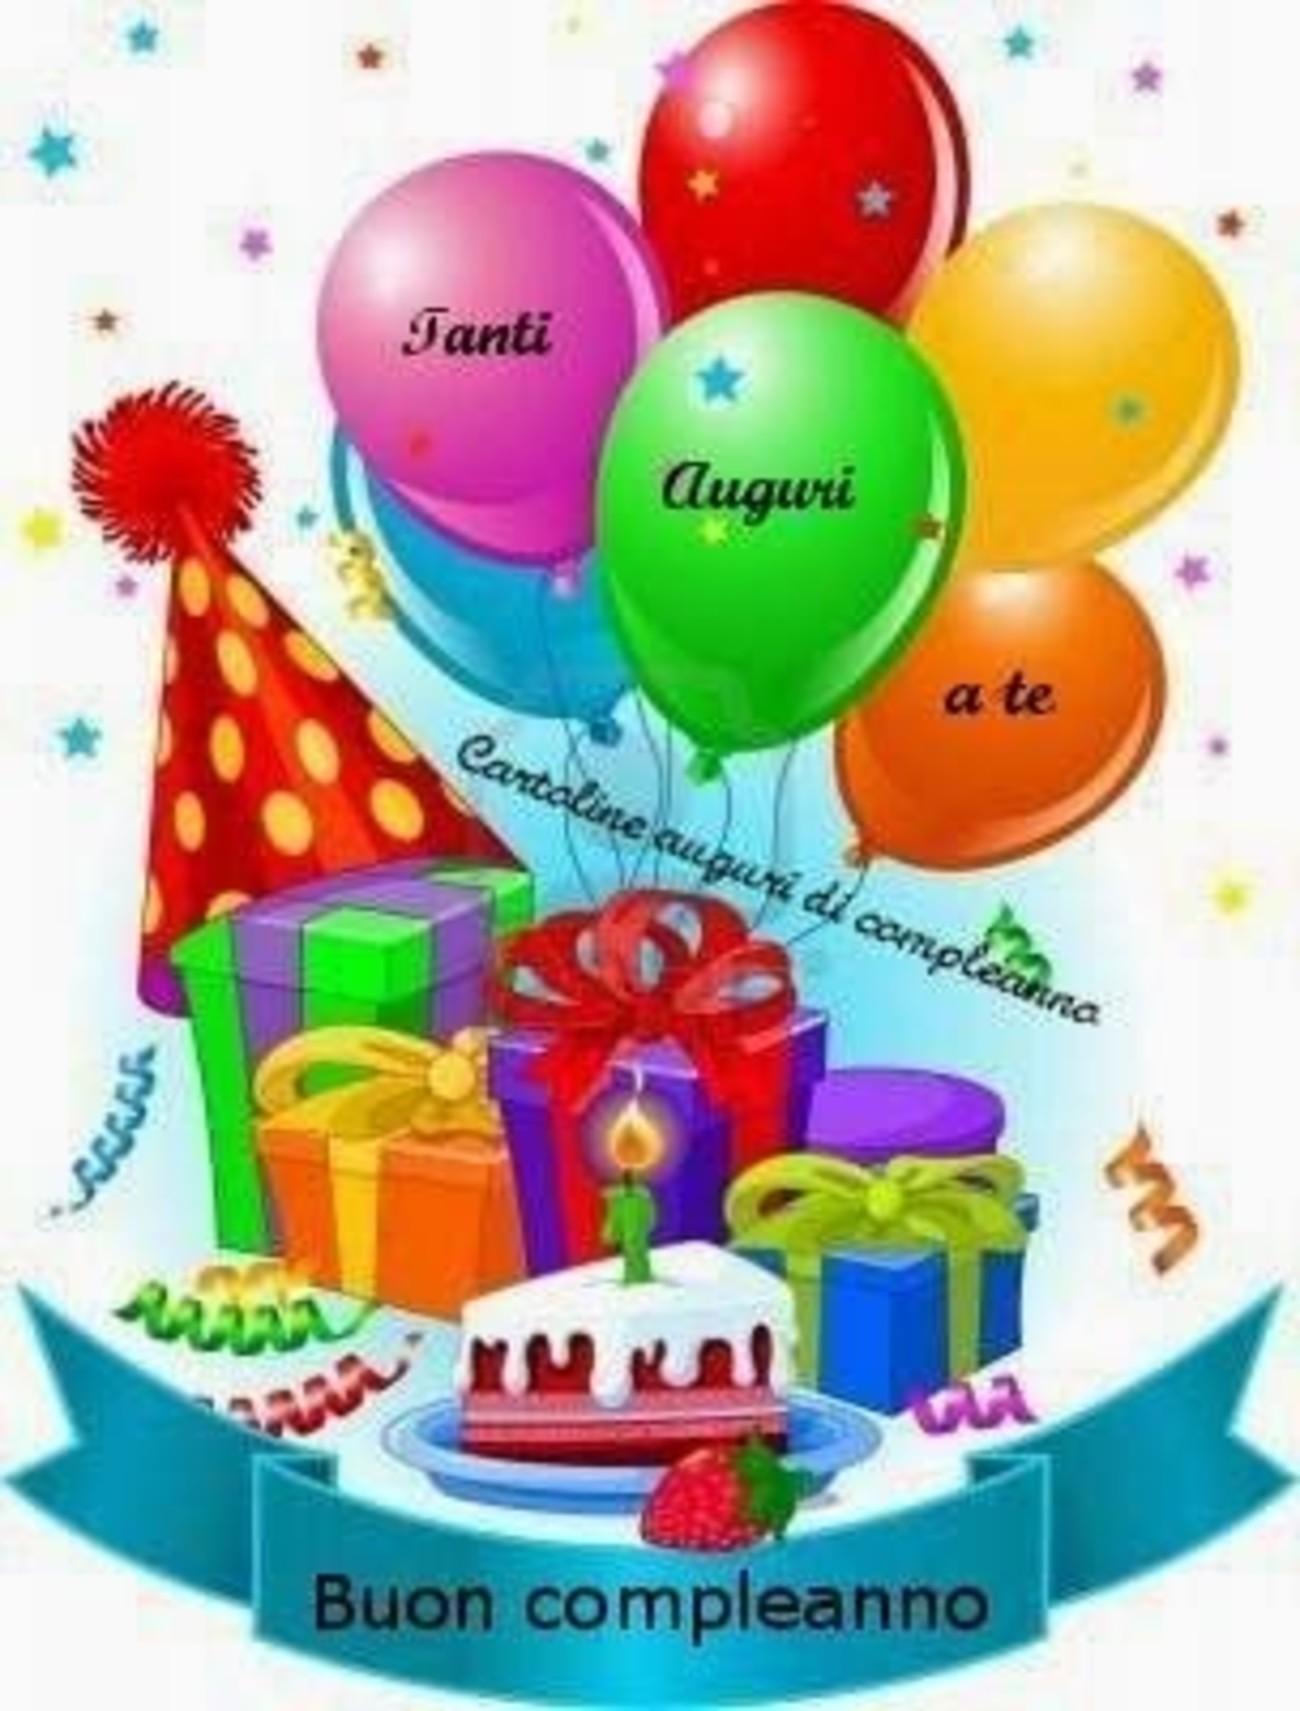 Immagini Di Buon Compleanno Da Mandare Su Whatsapp 3 Buongiorno